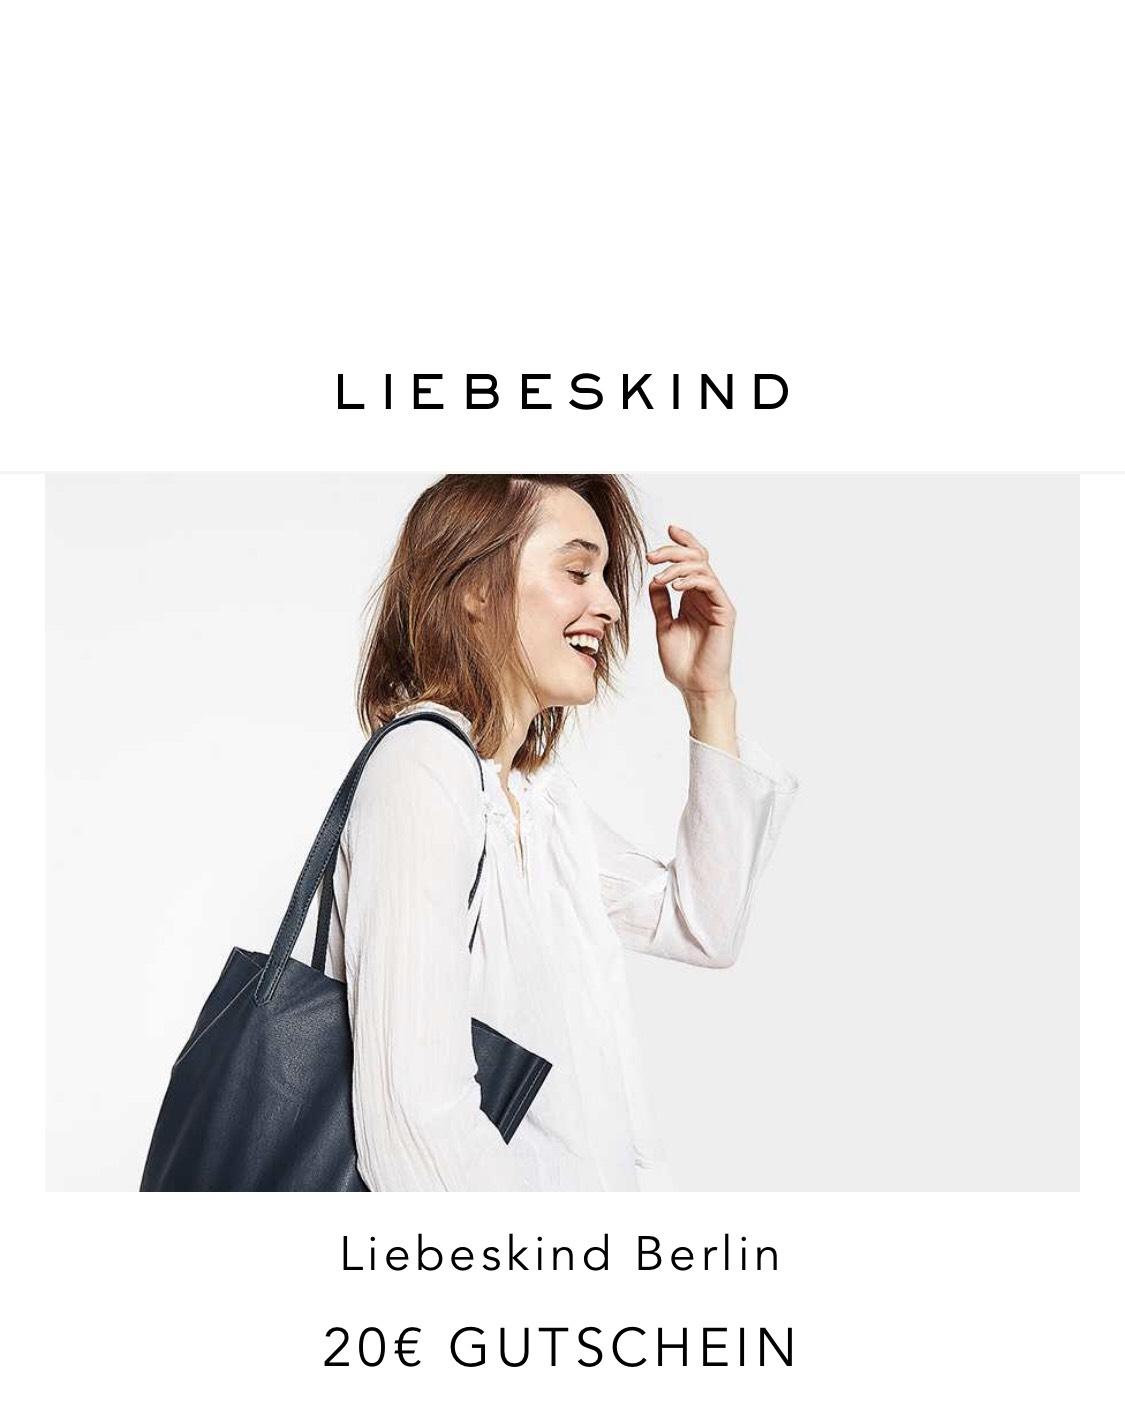 Bis zu 50% SALE bei LIEBESKIND BERLIN & 20€ Newsletter-Gutschein (80€ MBW)